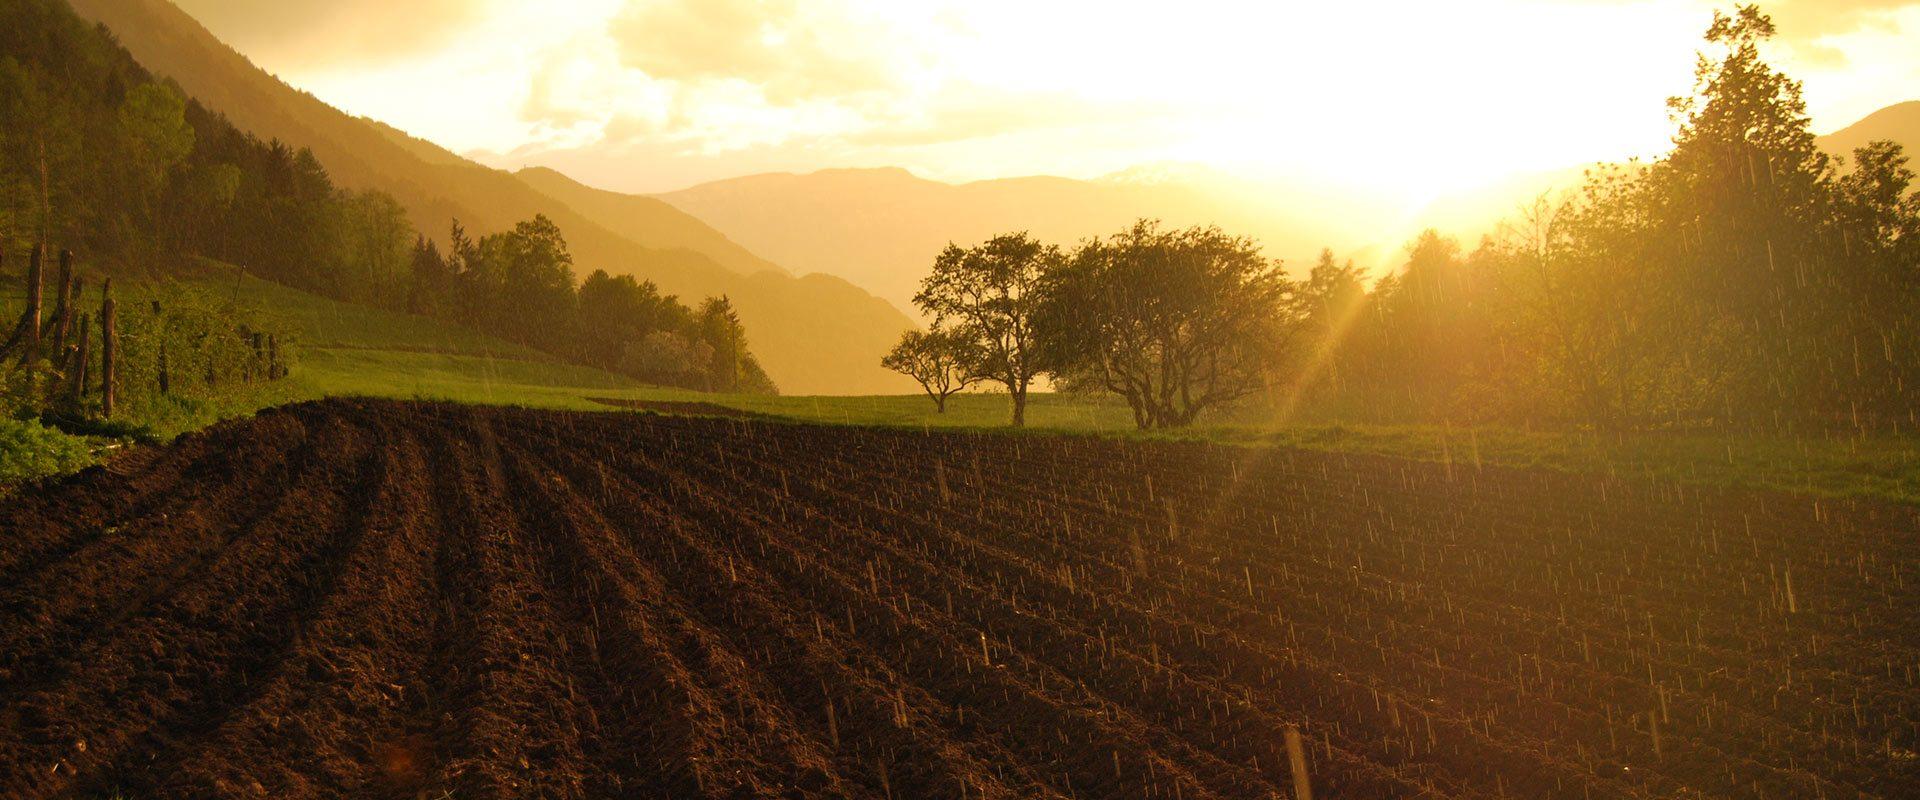 Steinegg im malerischen Eggental: Ein wahrhaft schönes Stück Südtirol